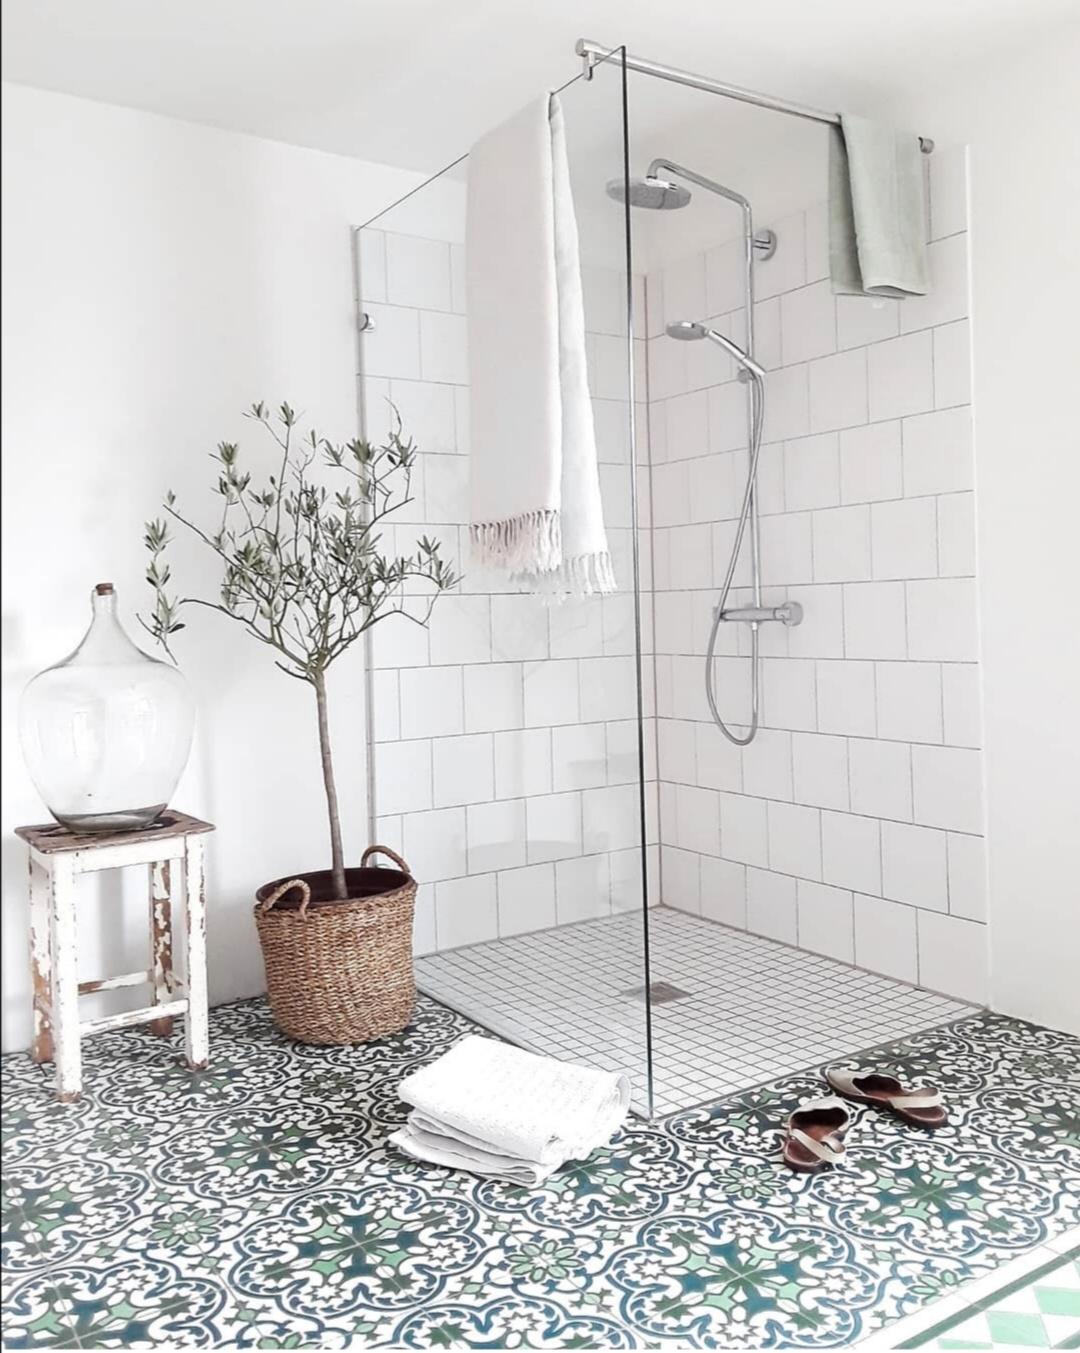 Badezimmer mit Dusche - Überrachte Terrasse - Homestory: Bei Nathalie sieht es aus wie im Urlaub